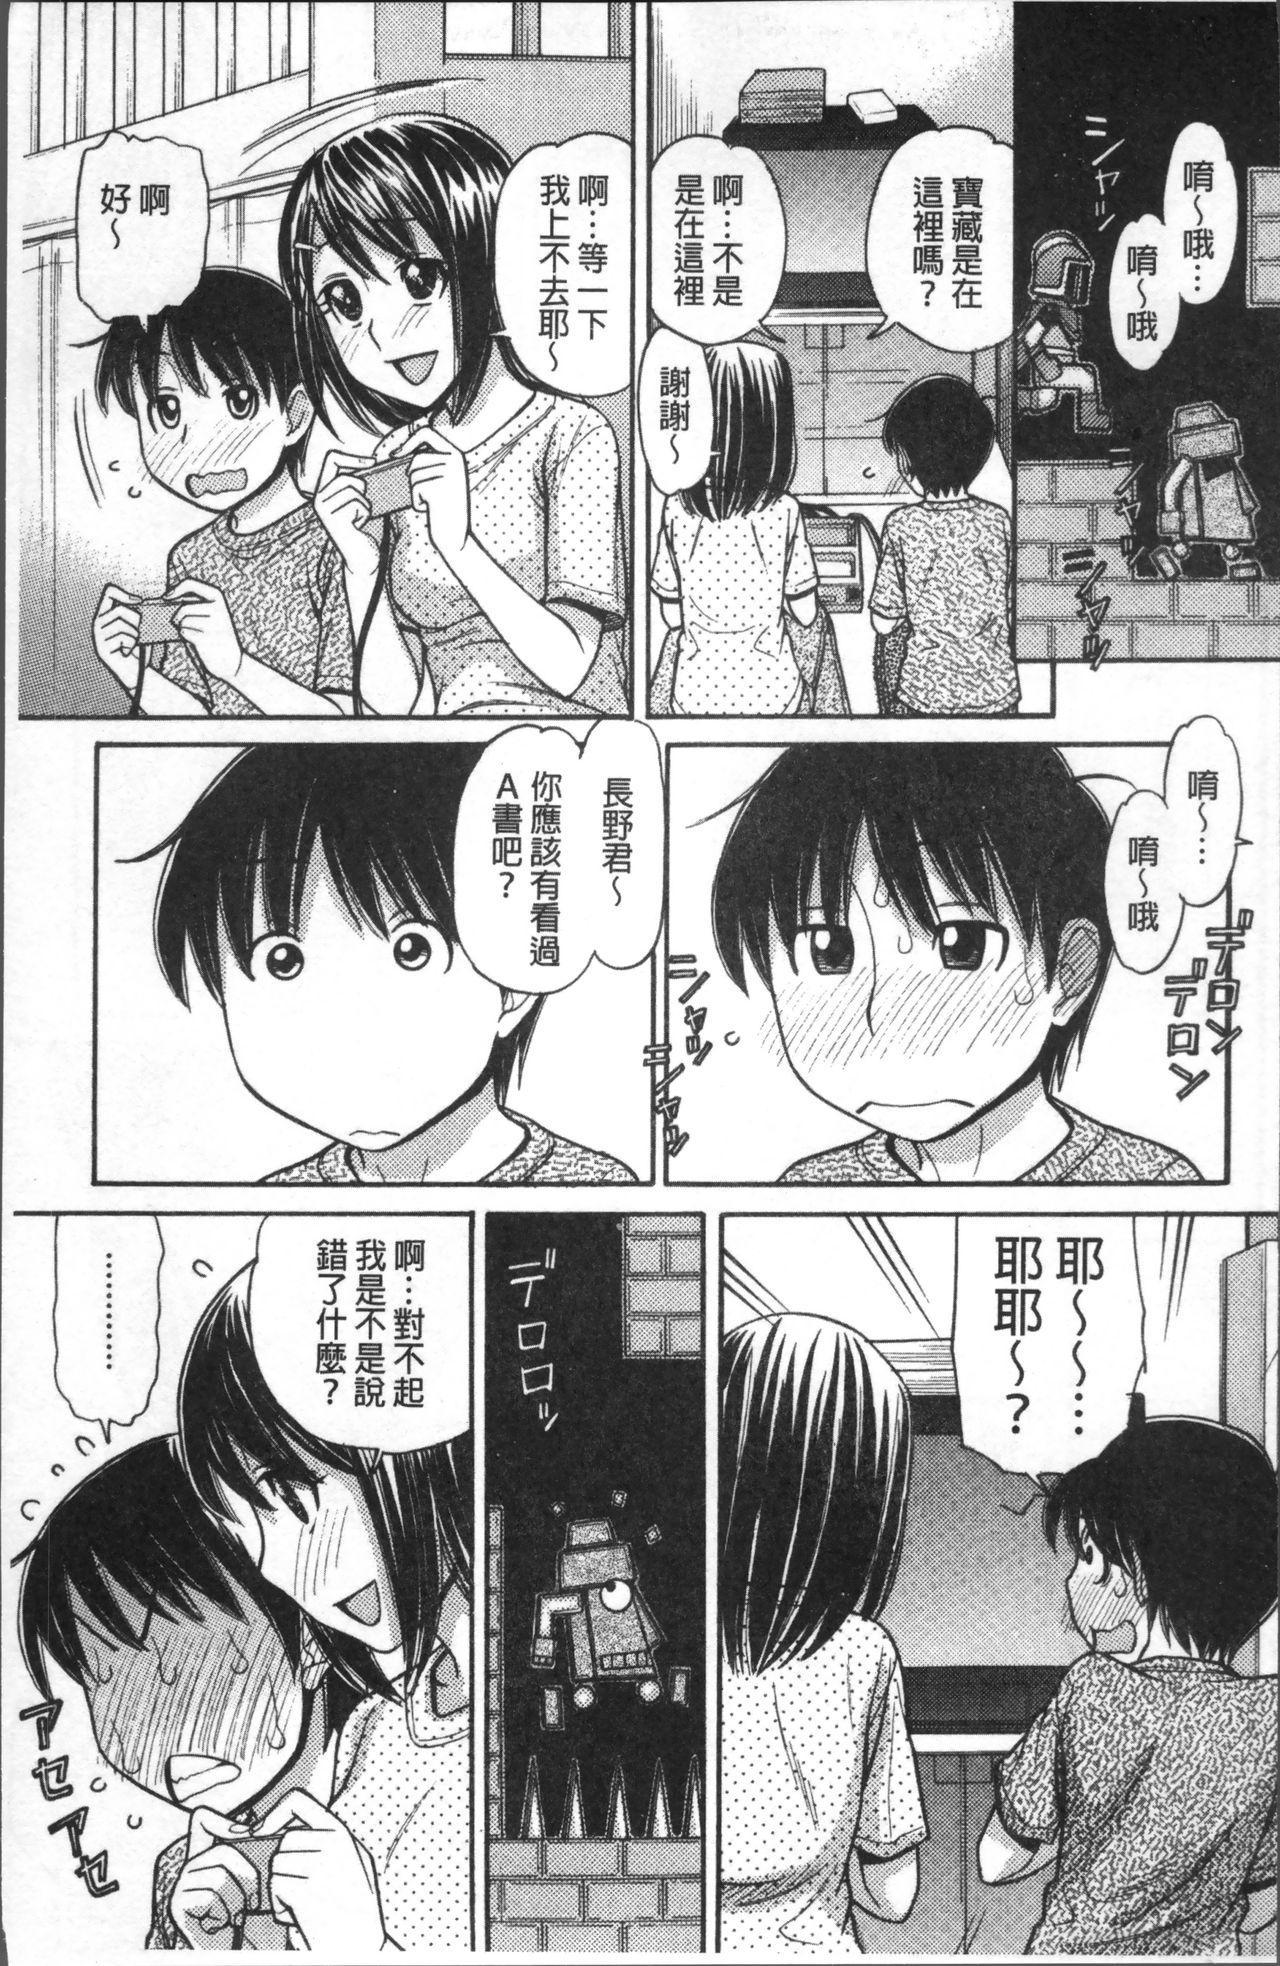 [Tanaka-Ex] Onii-chan wa Mangaka-san! [Chinese] 11